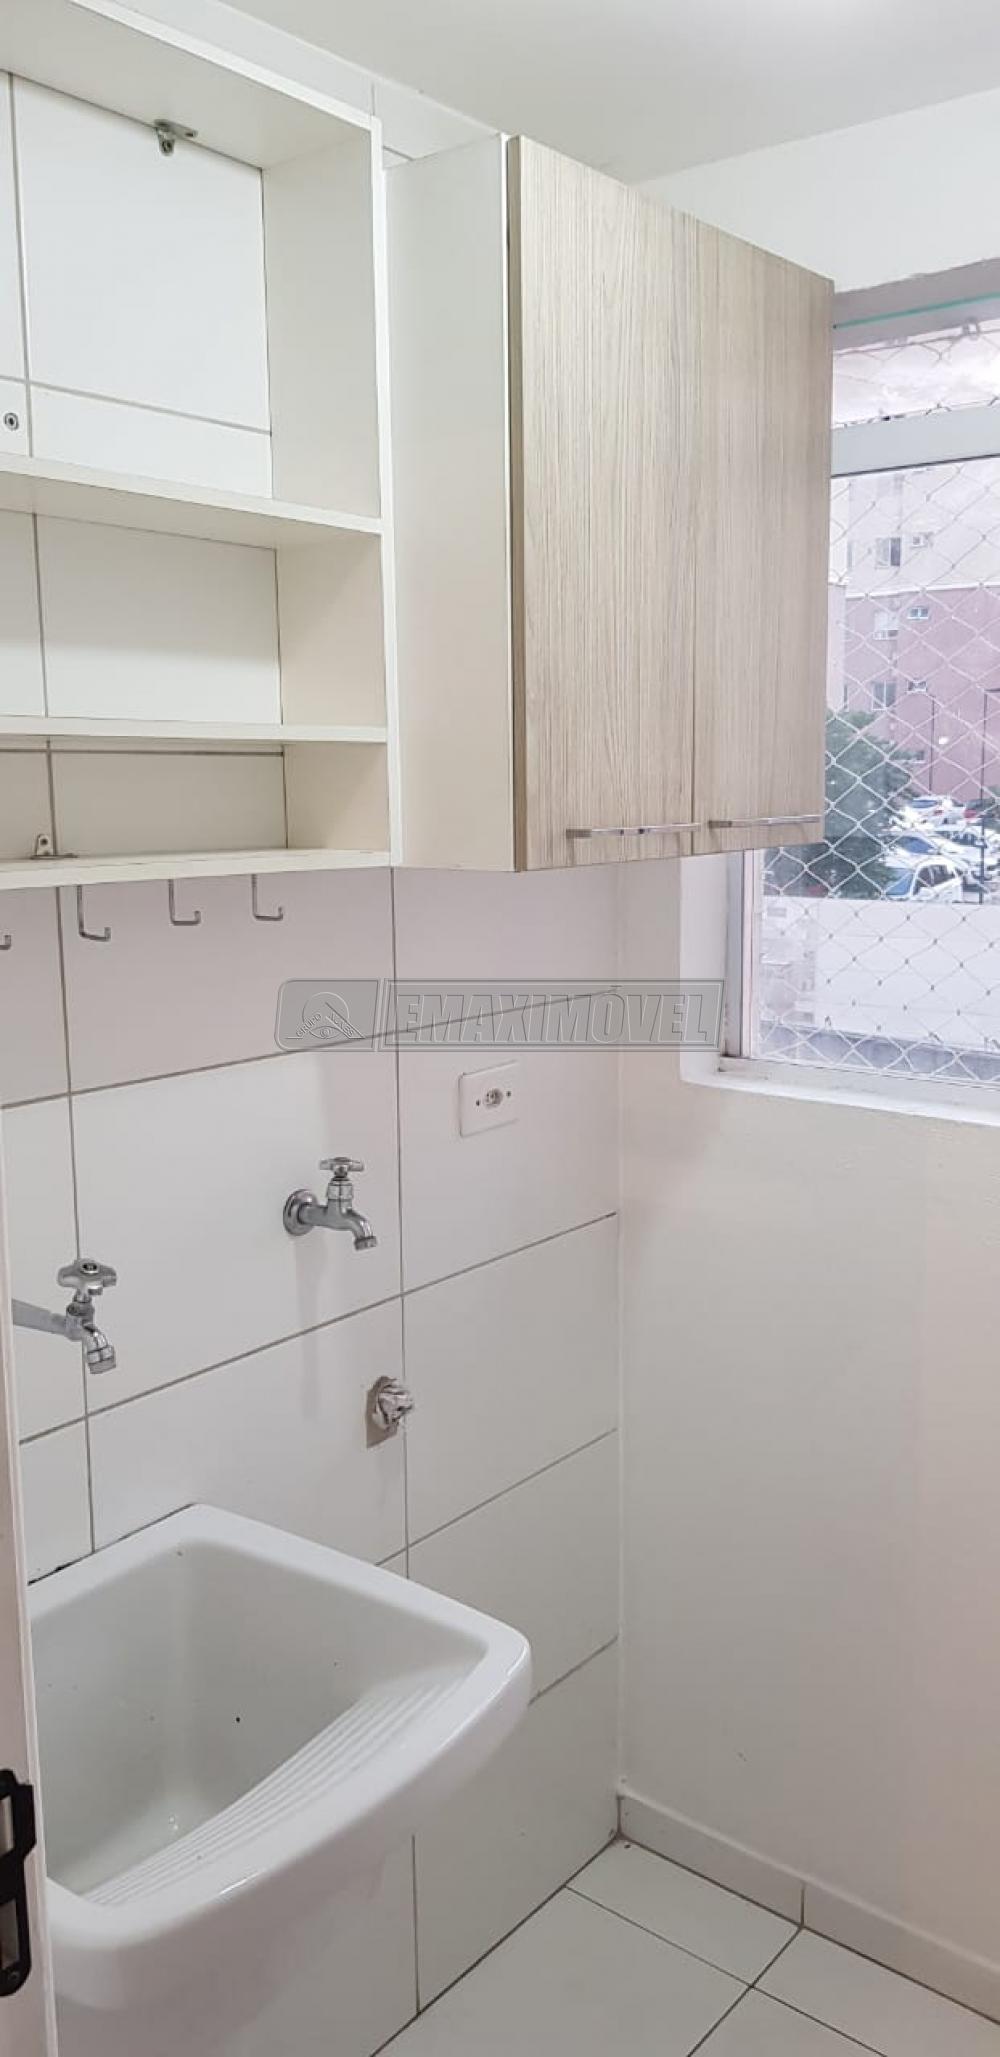 Alugar Apartamentos / Apto Padrão em Sorocaba R$ 1.050,00 - Foto 3